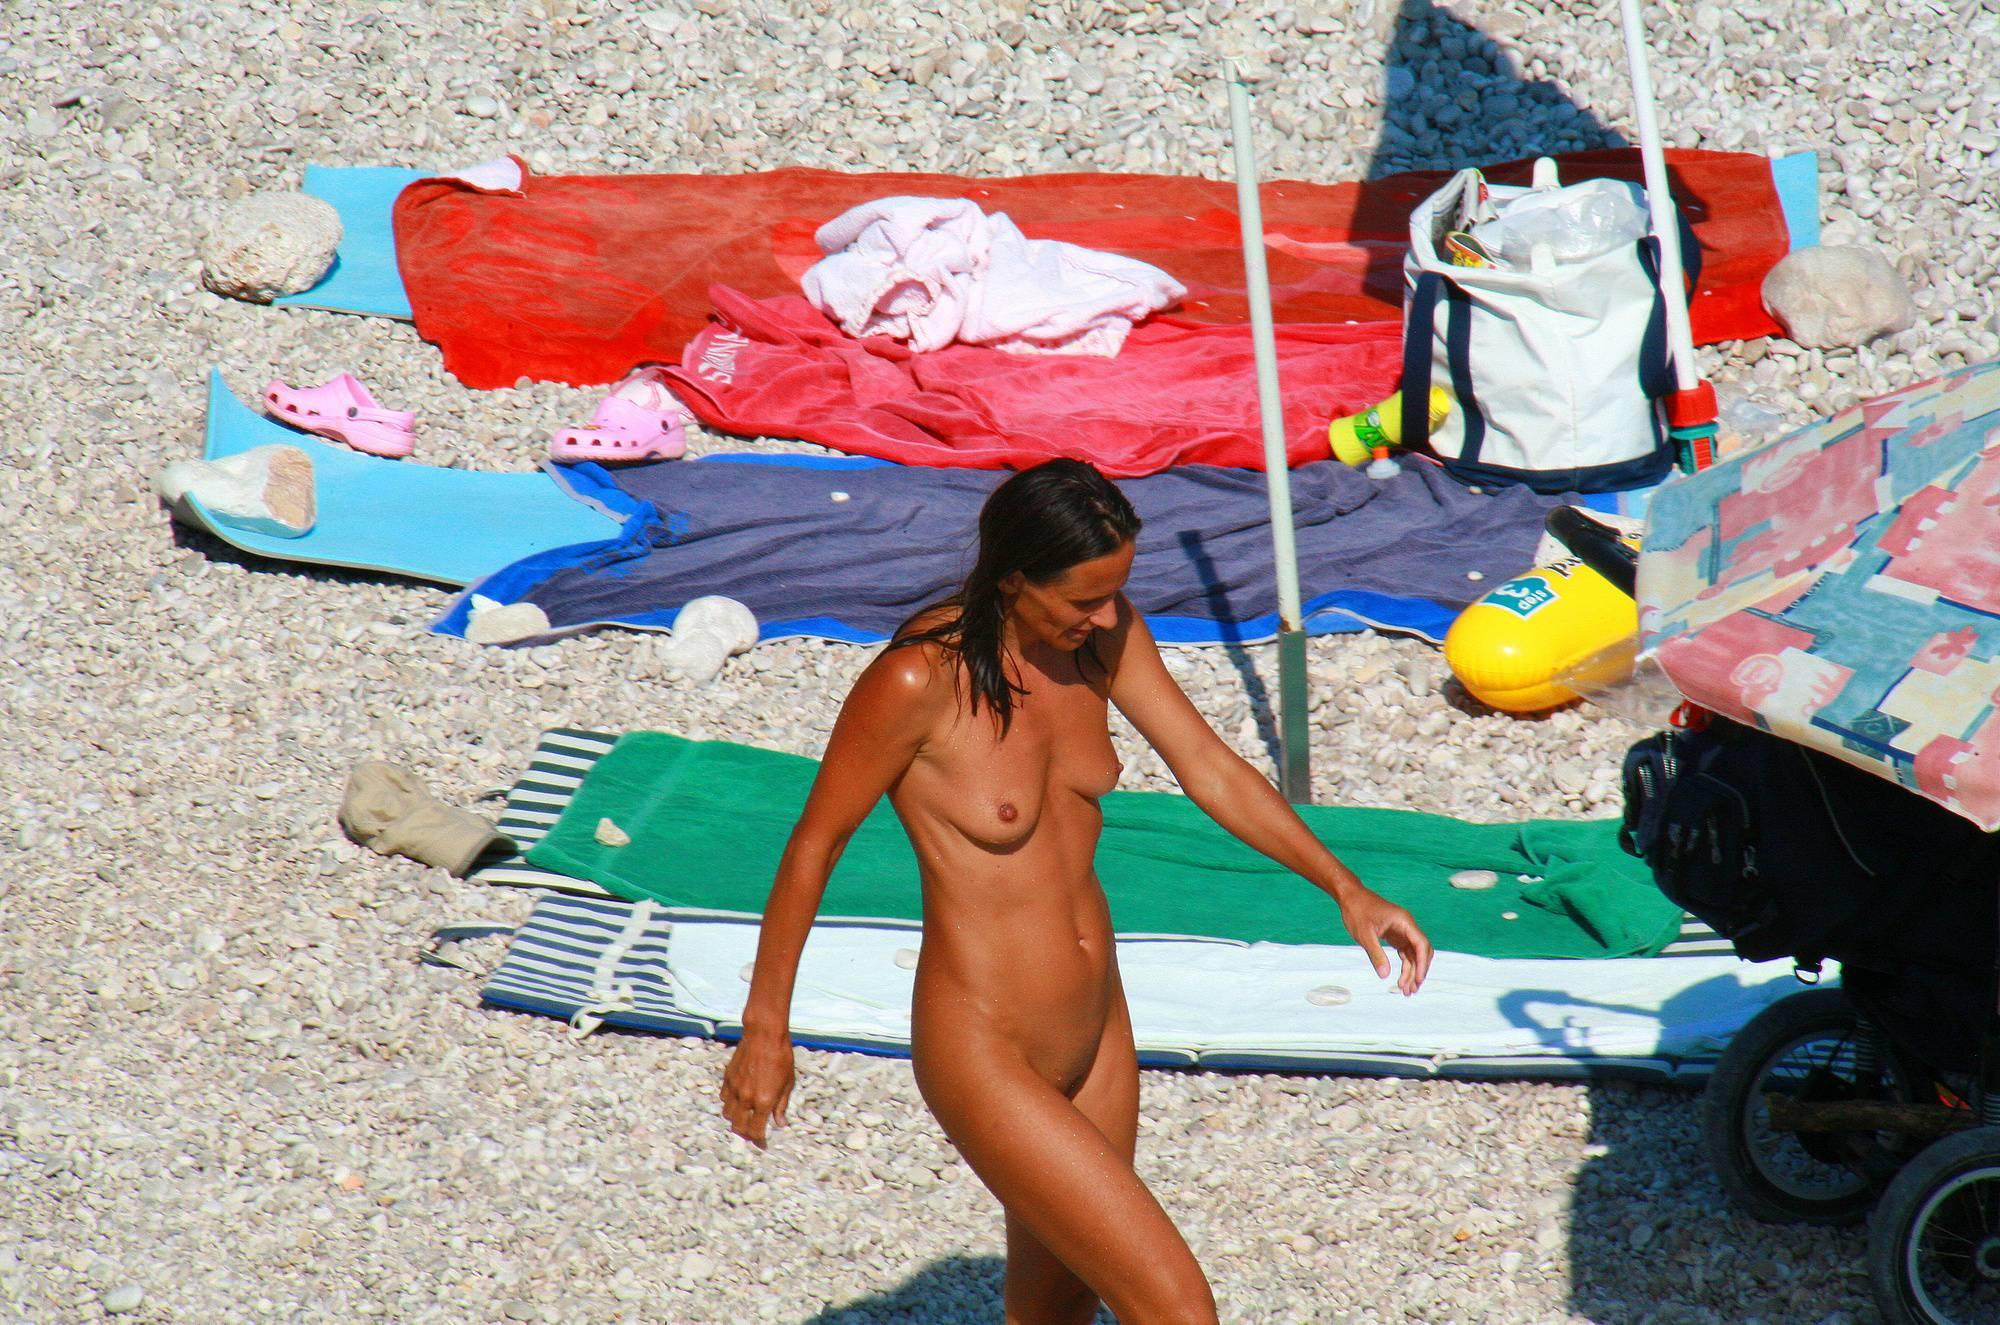 Nudist Gallery Ula FKK Grandma's Profile - 1